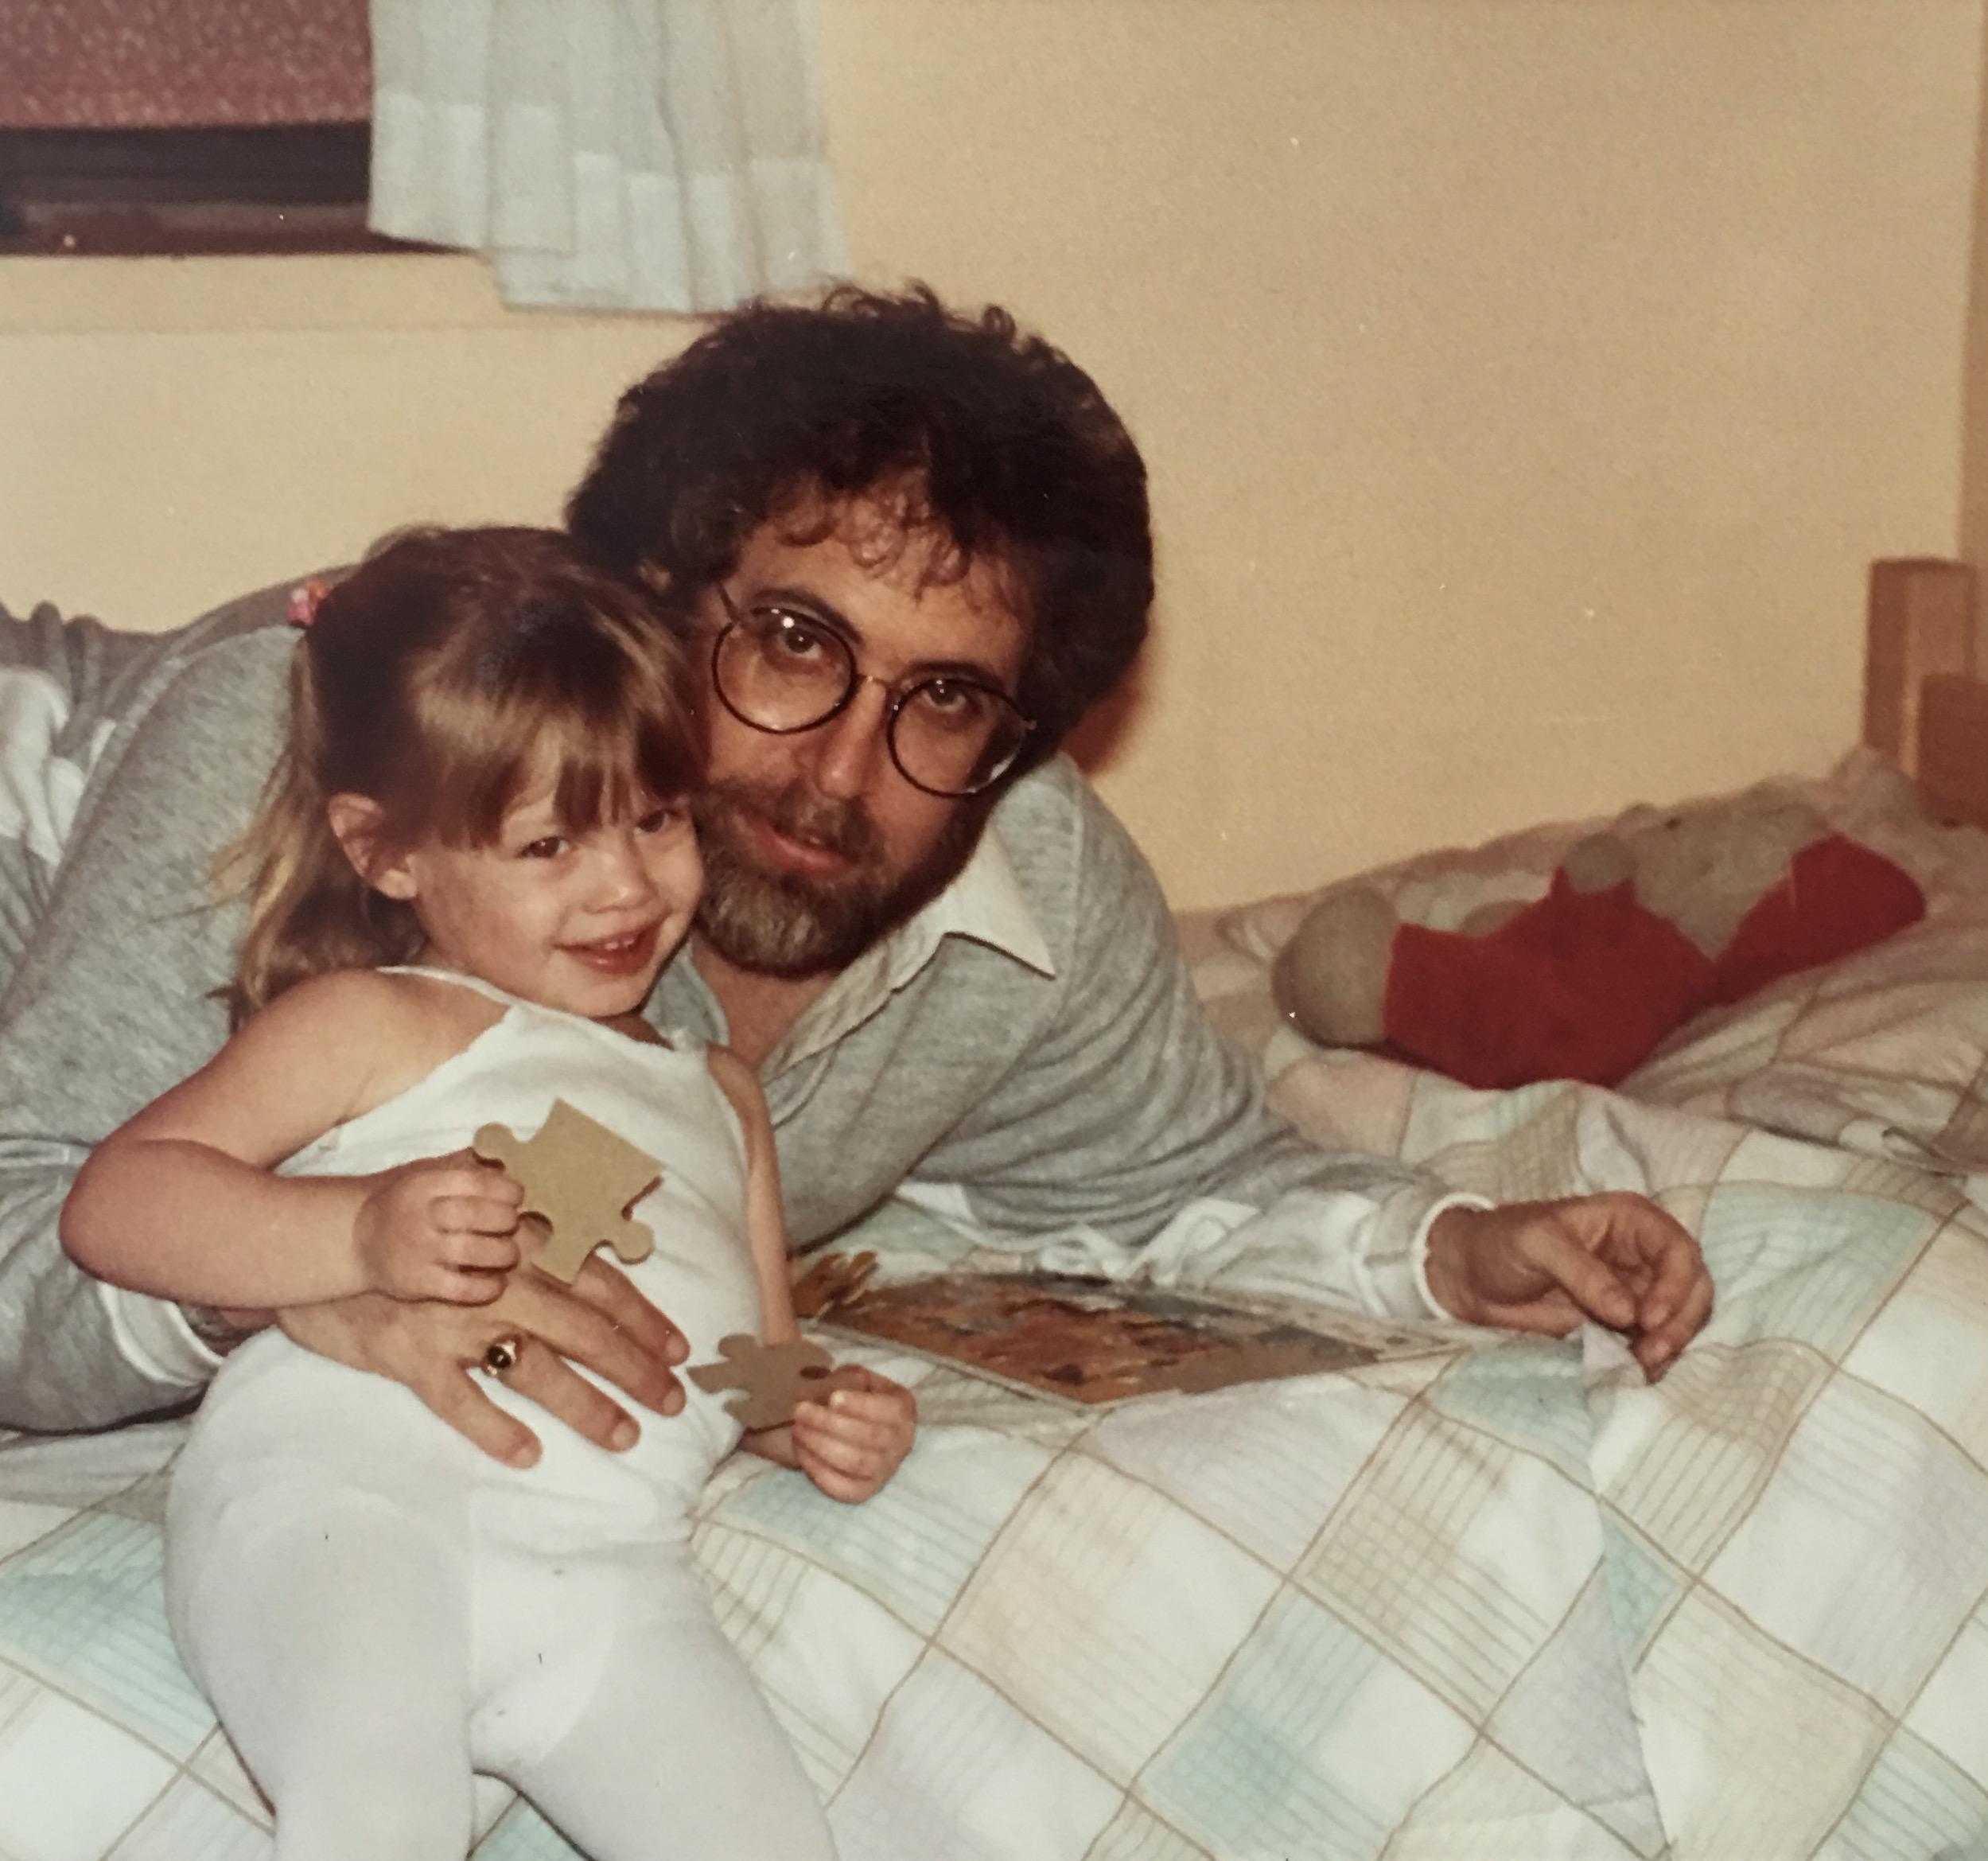 Jordan Reid and dad